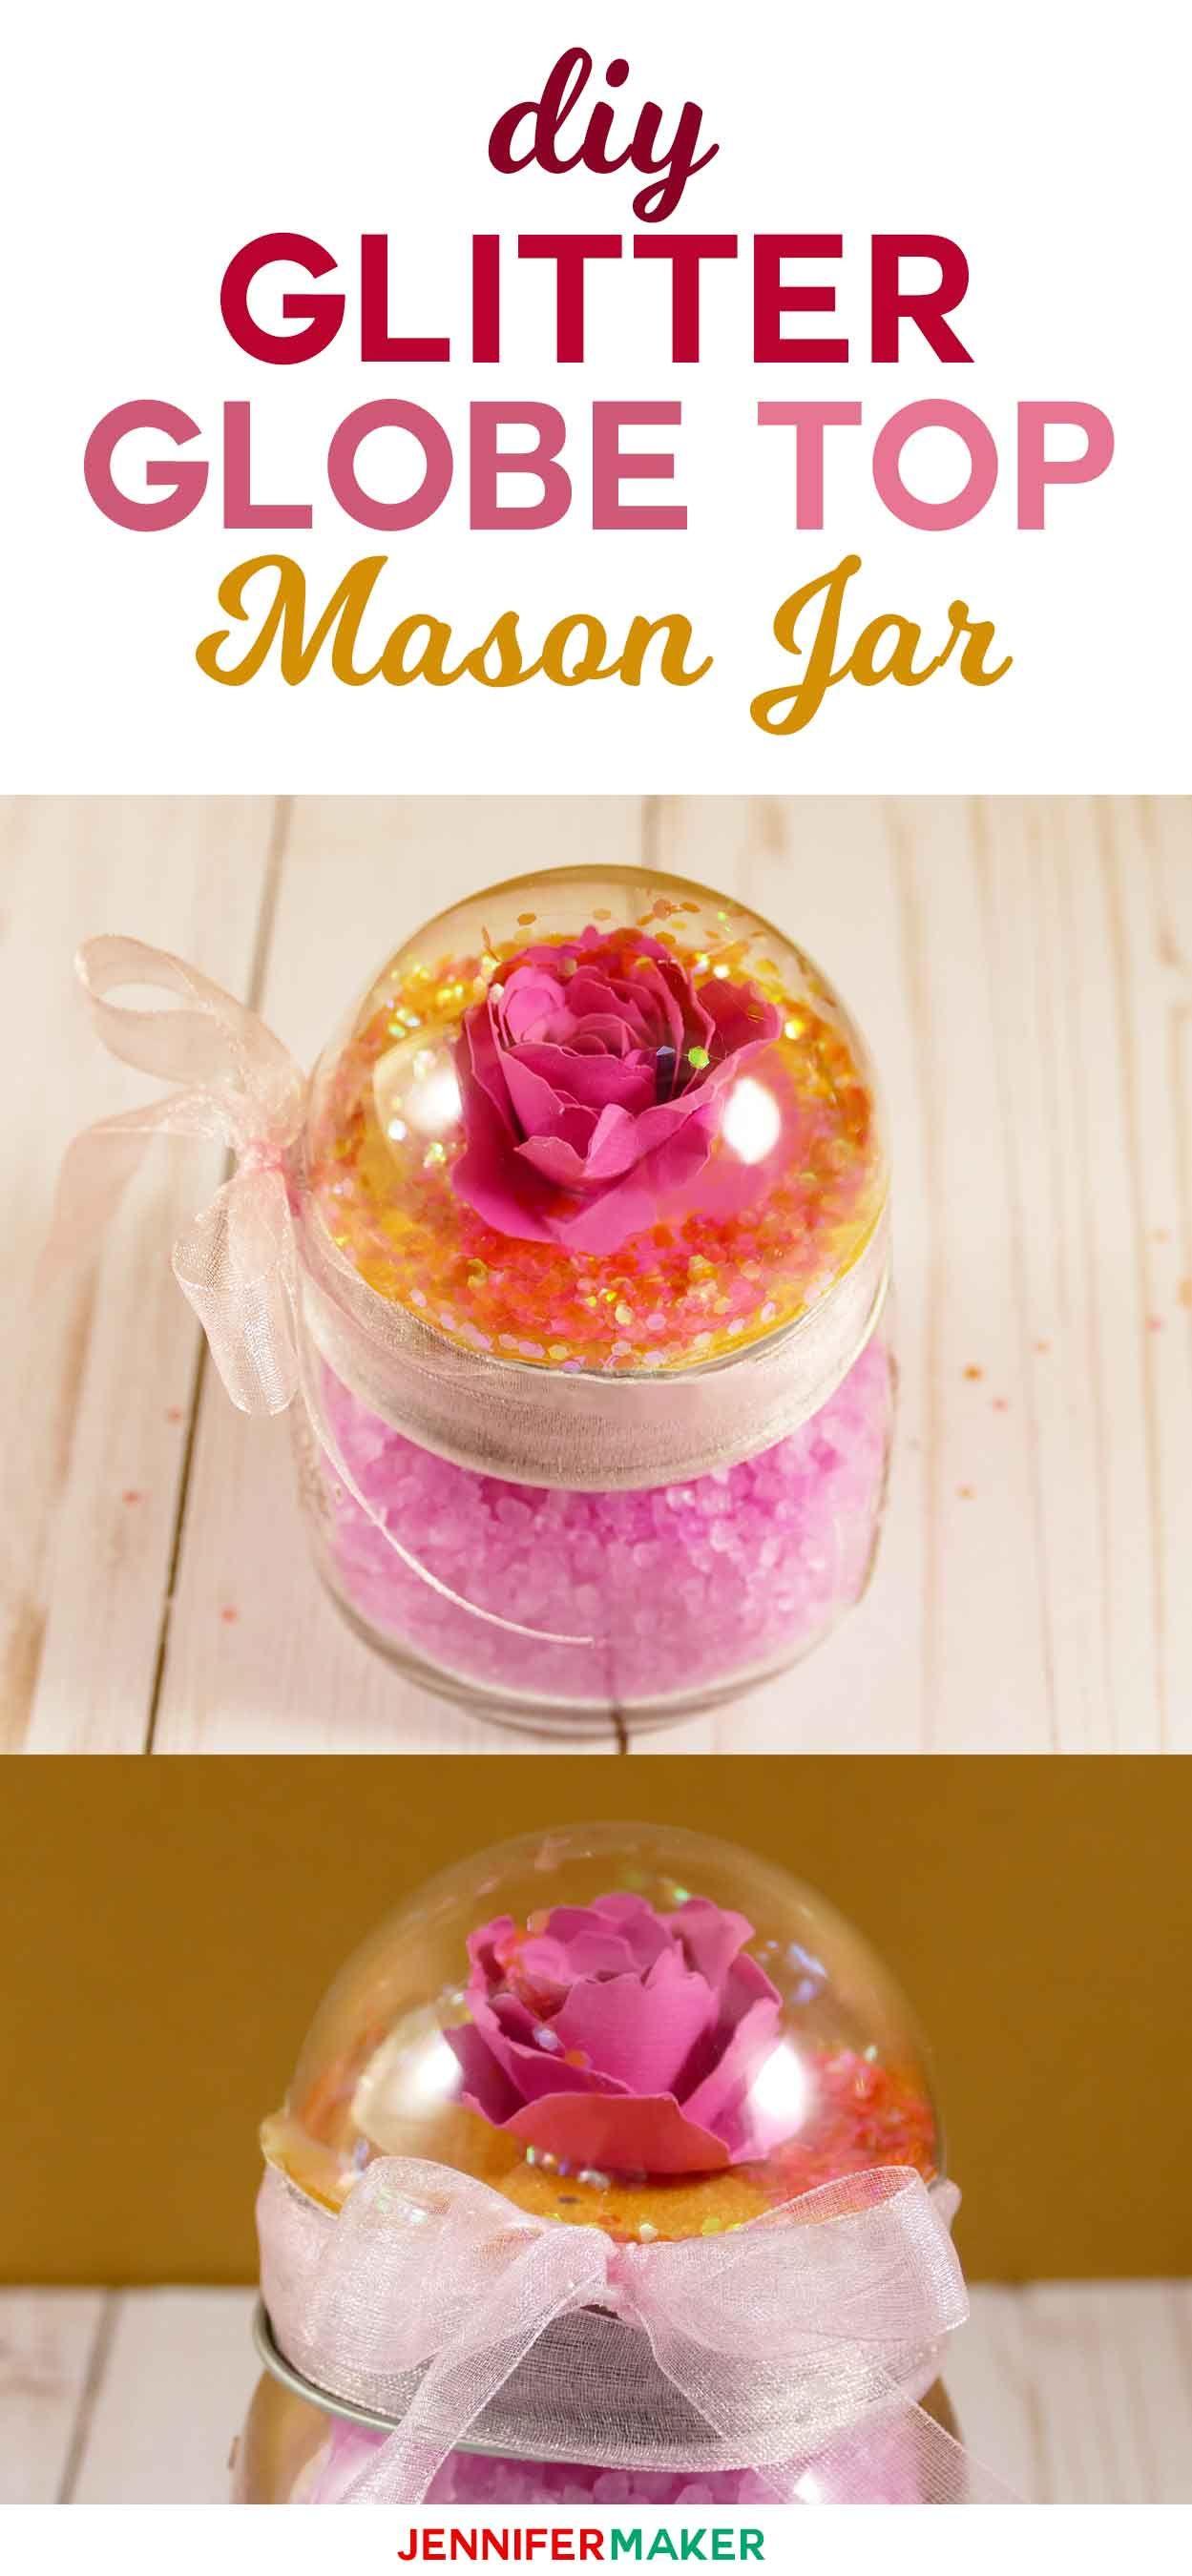 Snow Globe Top Mason Jars Rose Glitter Globe Mason Jar Diy